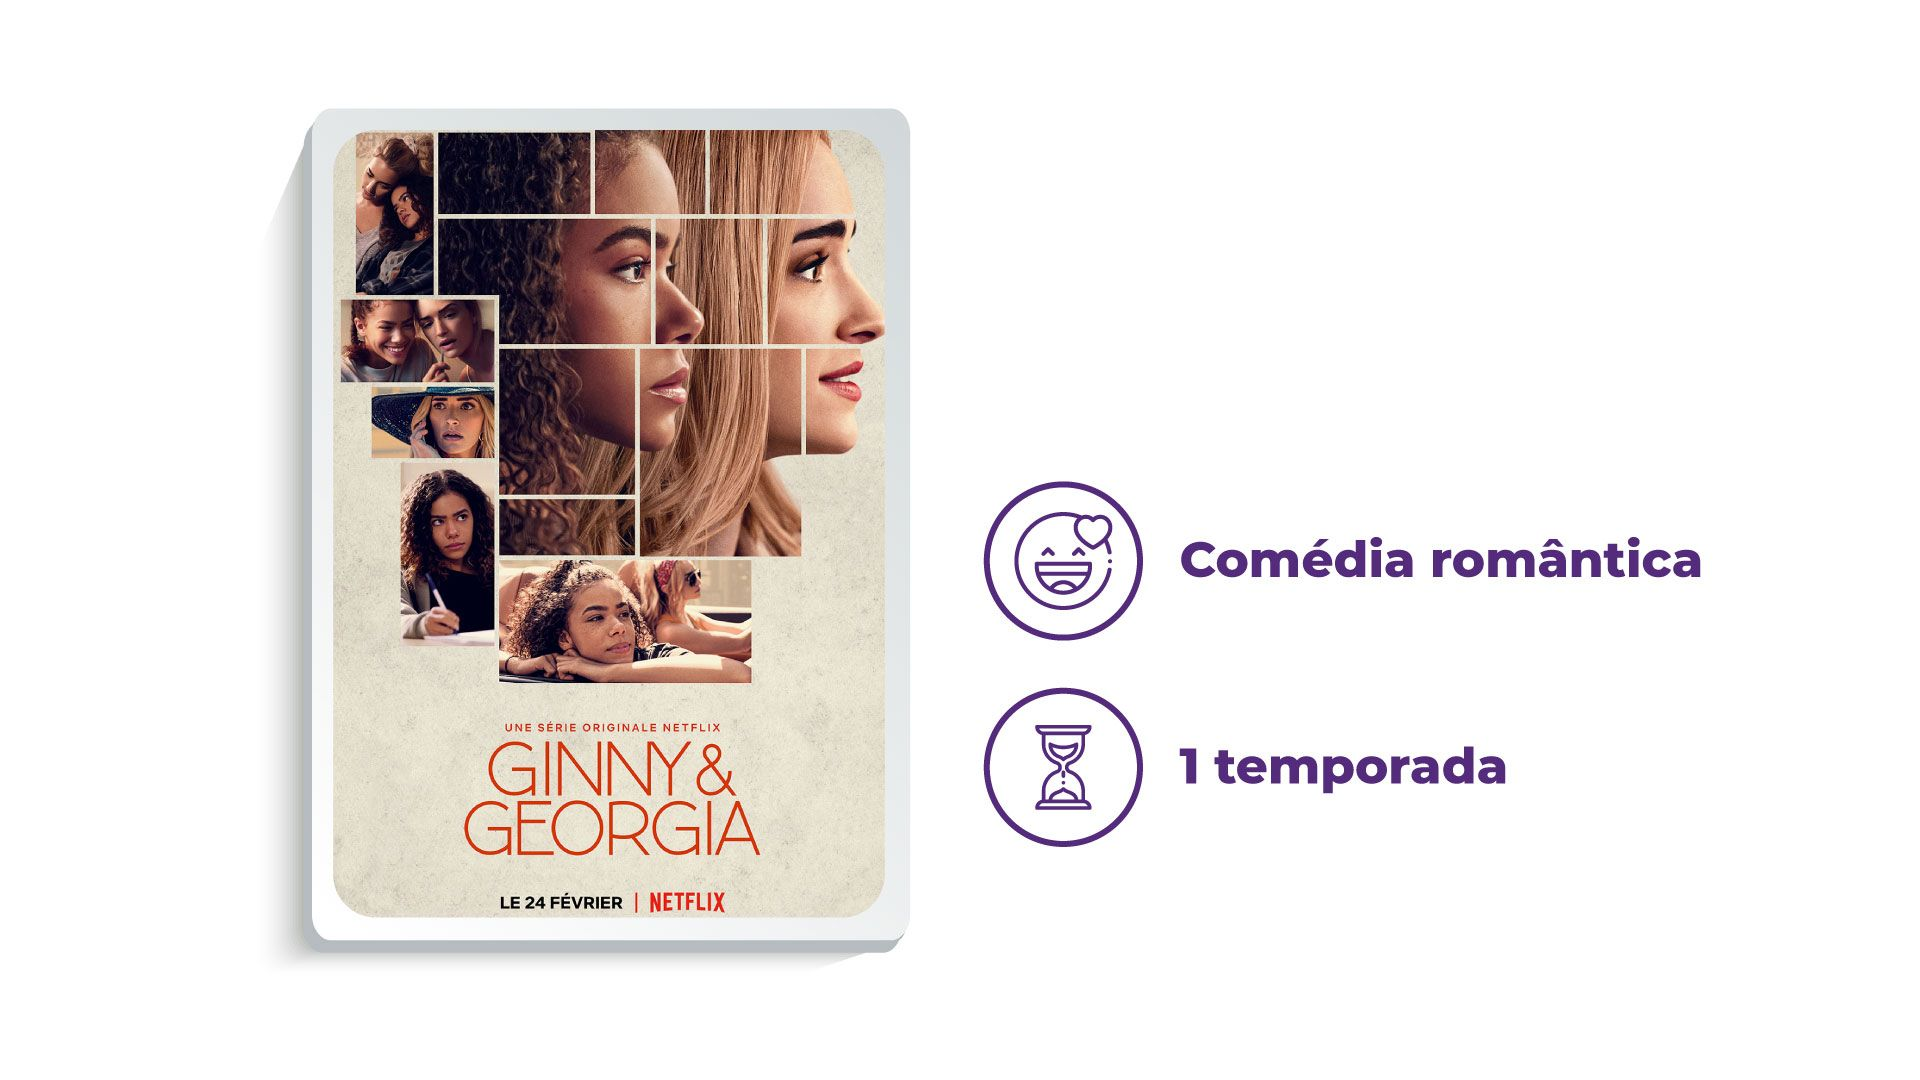 Série Ginny e Georgia (Foto: Netflix/Zoom)